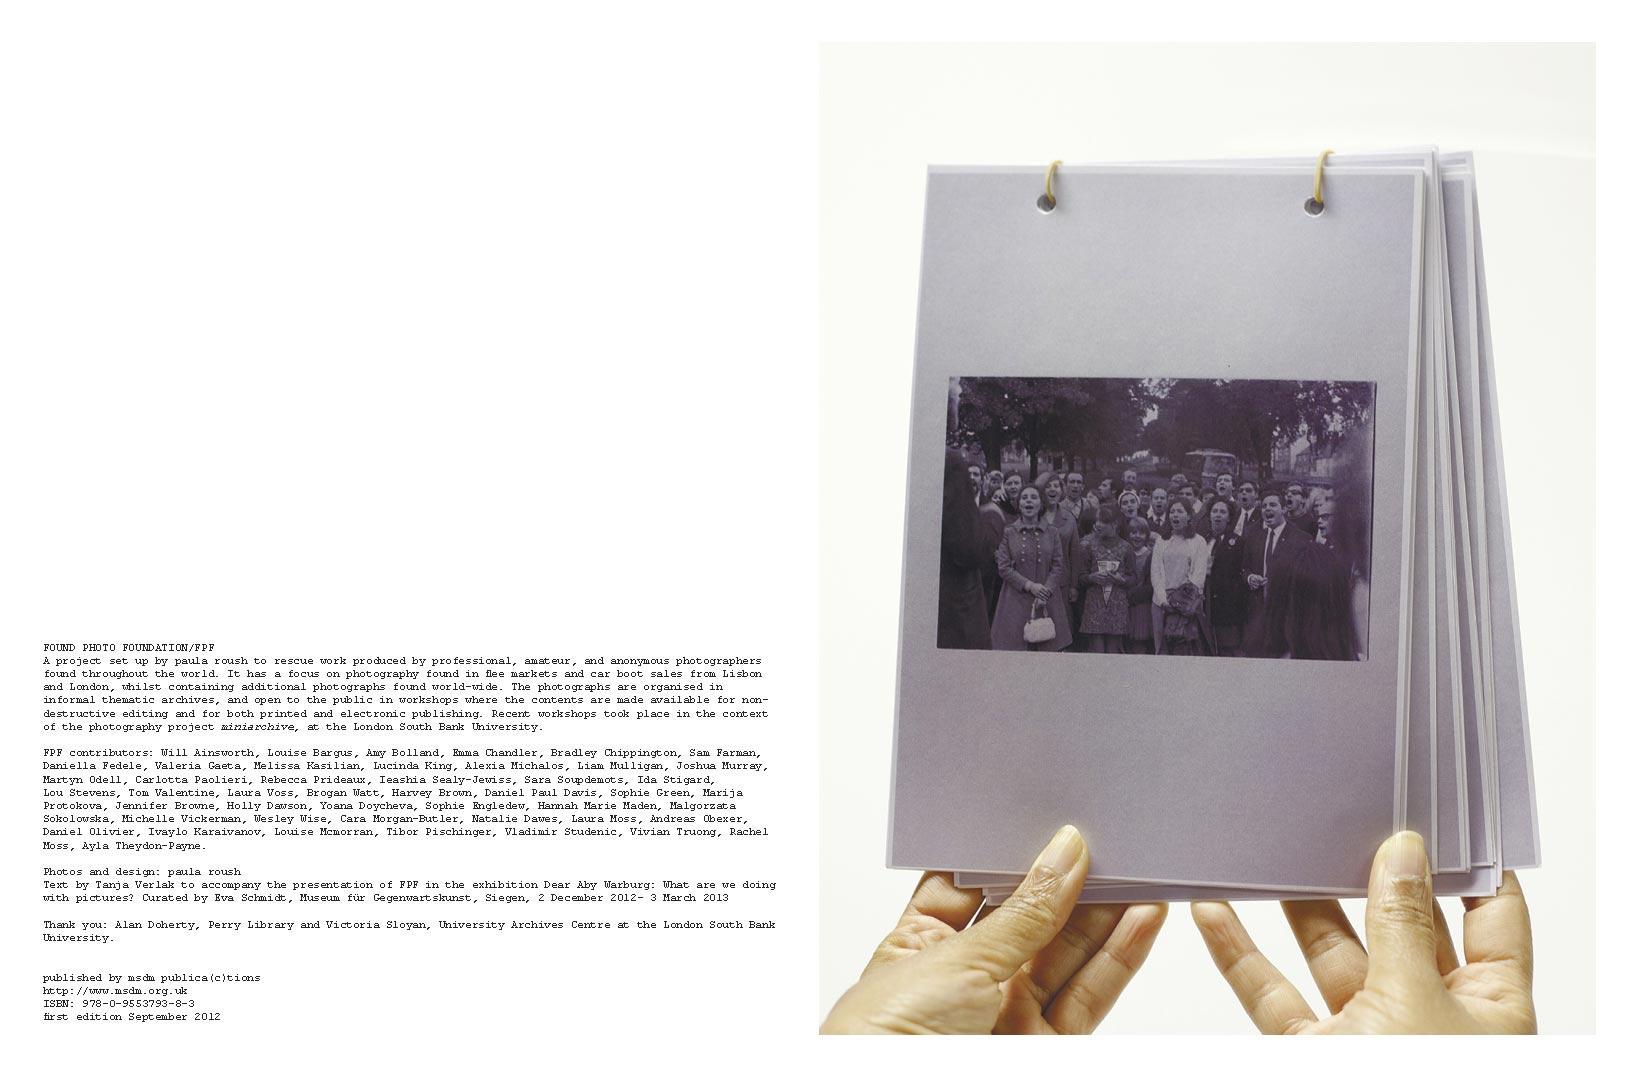 msdm-Found-Photo-Foundation-newspaper-18